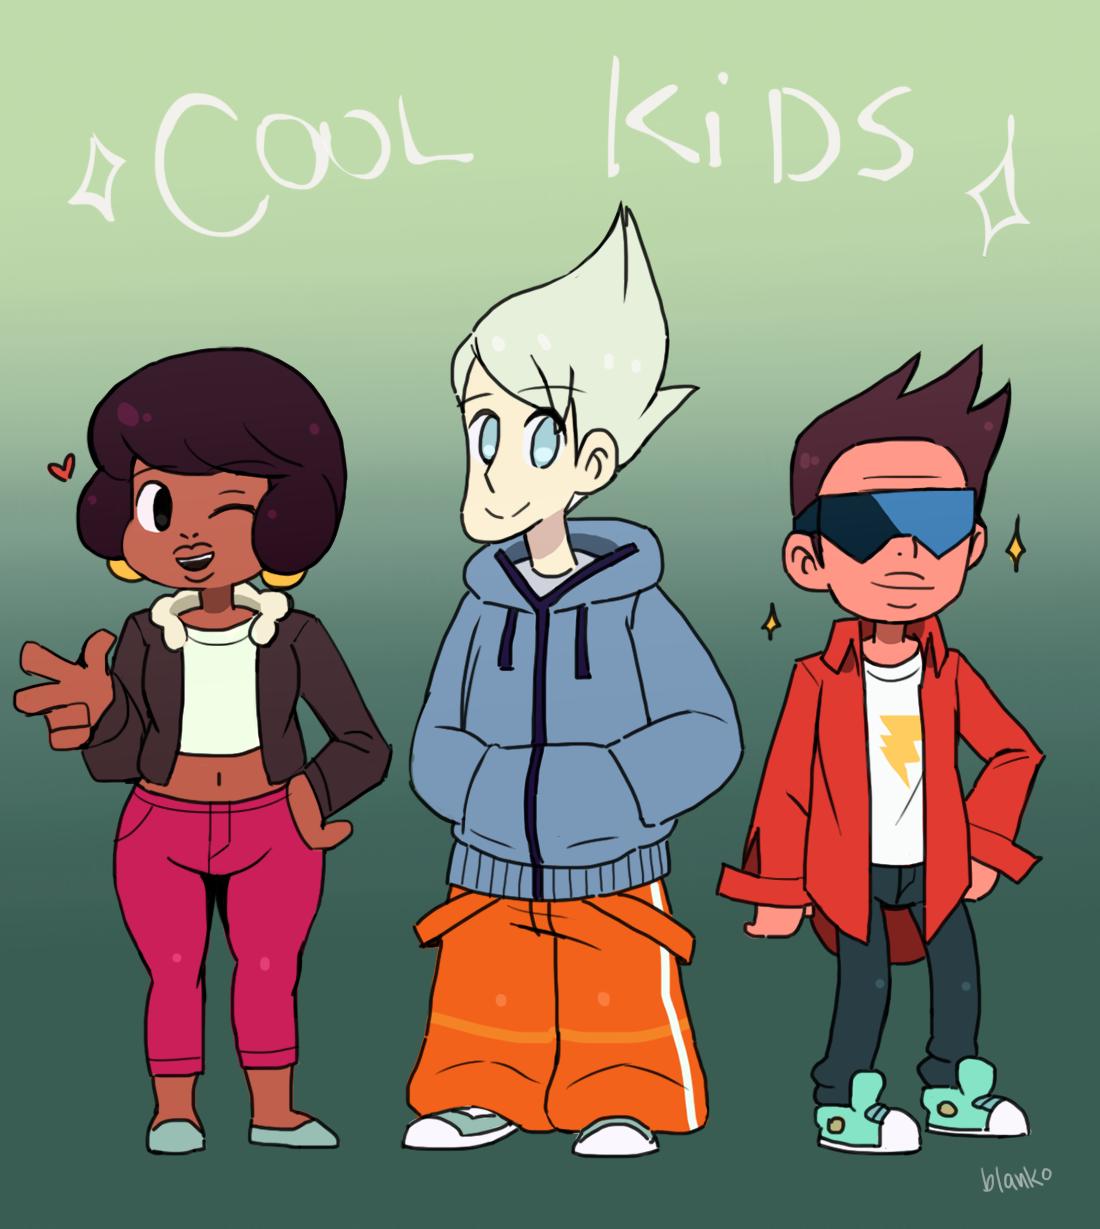 da kiddos, the gang - BlankoDraws